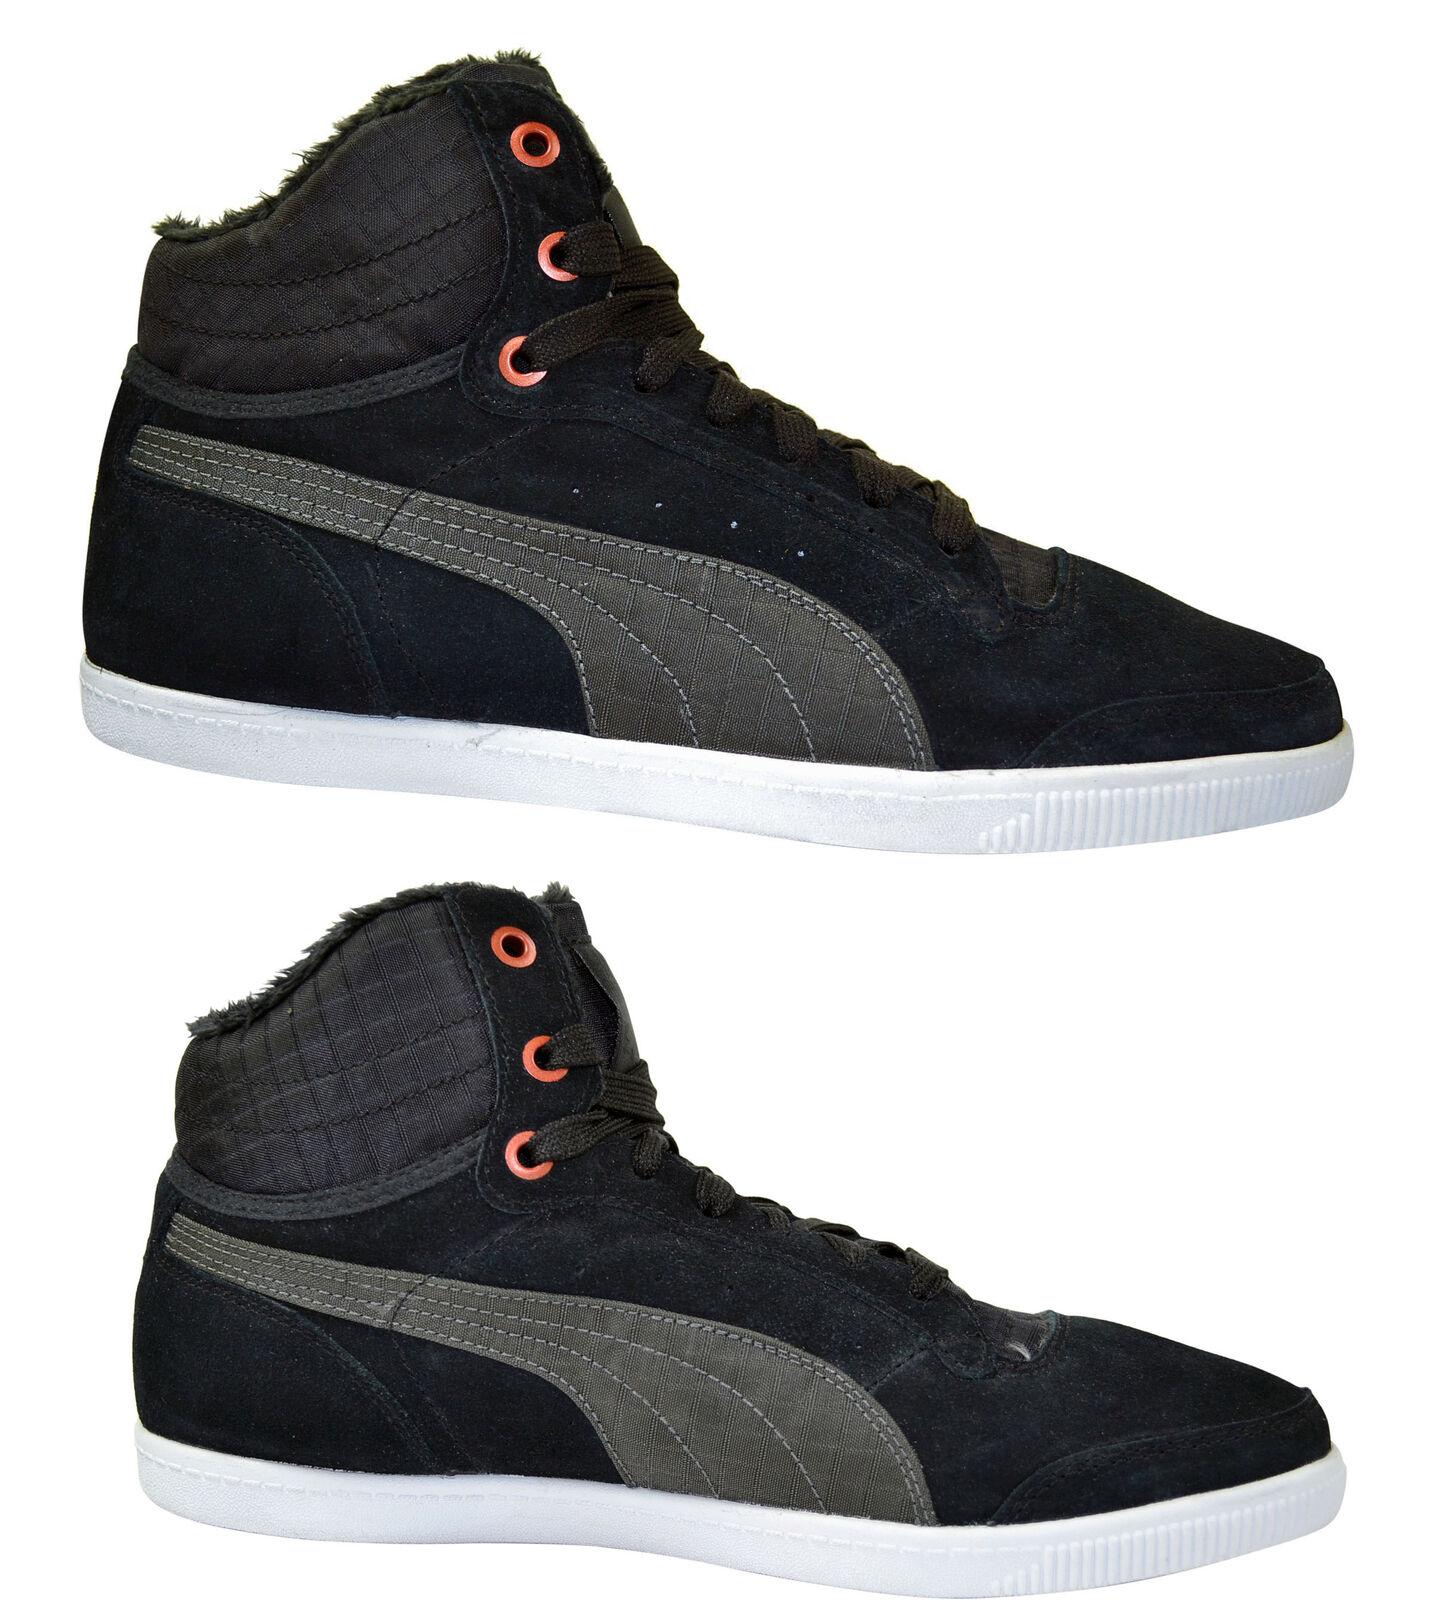 Puma Glyde Court Fur Wn´s black Mid Winter Schuhe schwarz Größenauswahl!